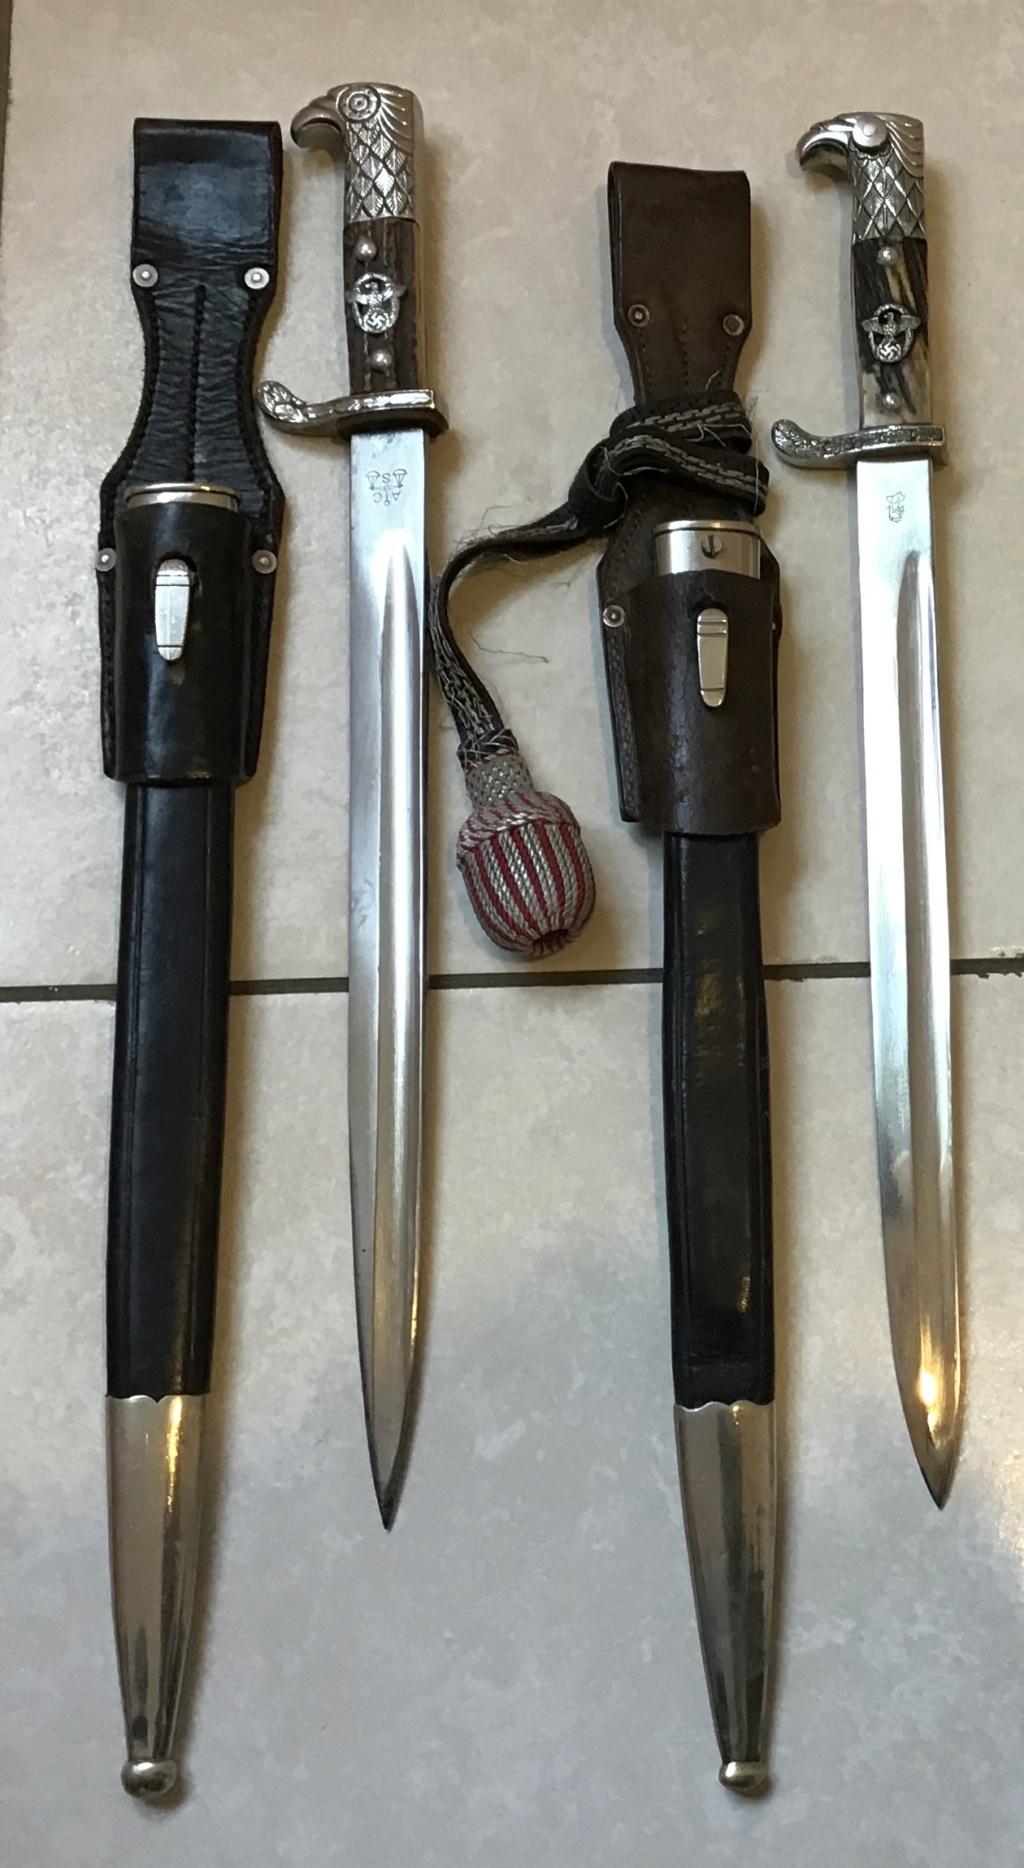 Estimation dague et baïonnette police allemande Img_3310